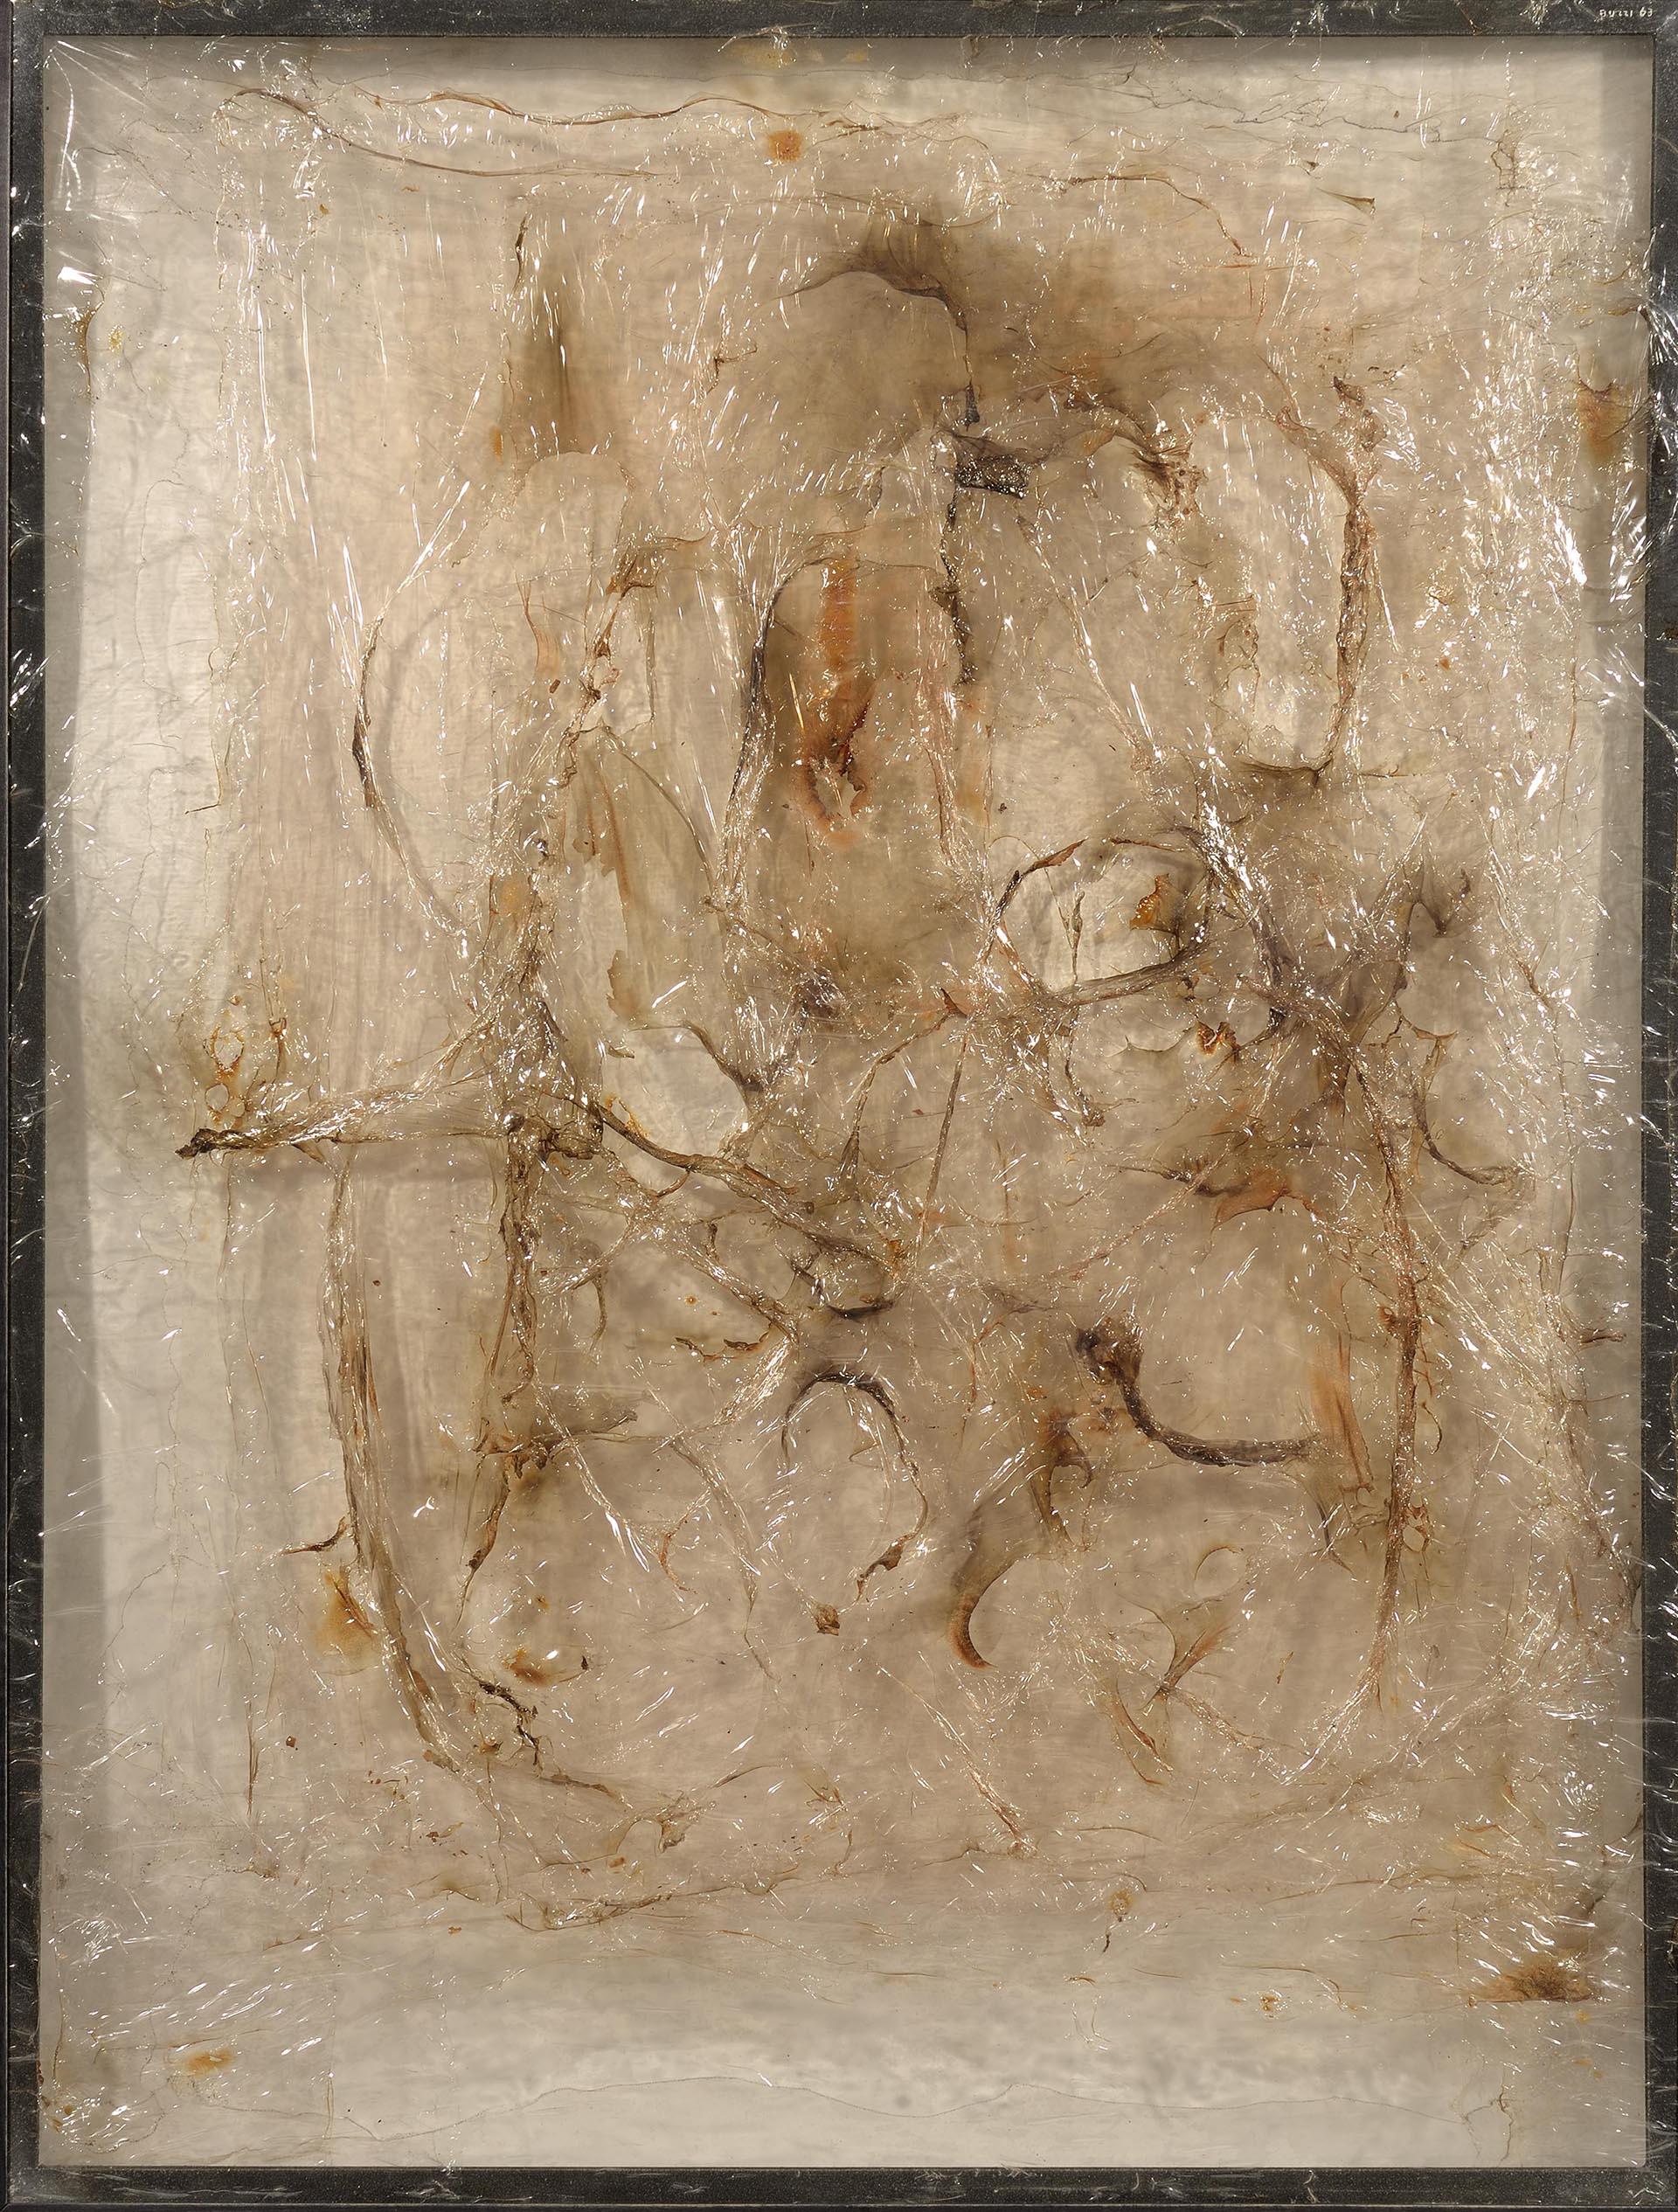 Burri, Plastica, 1973, 98x74 cm